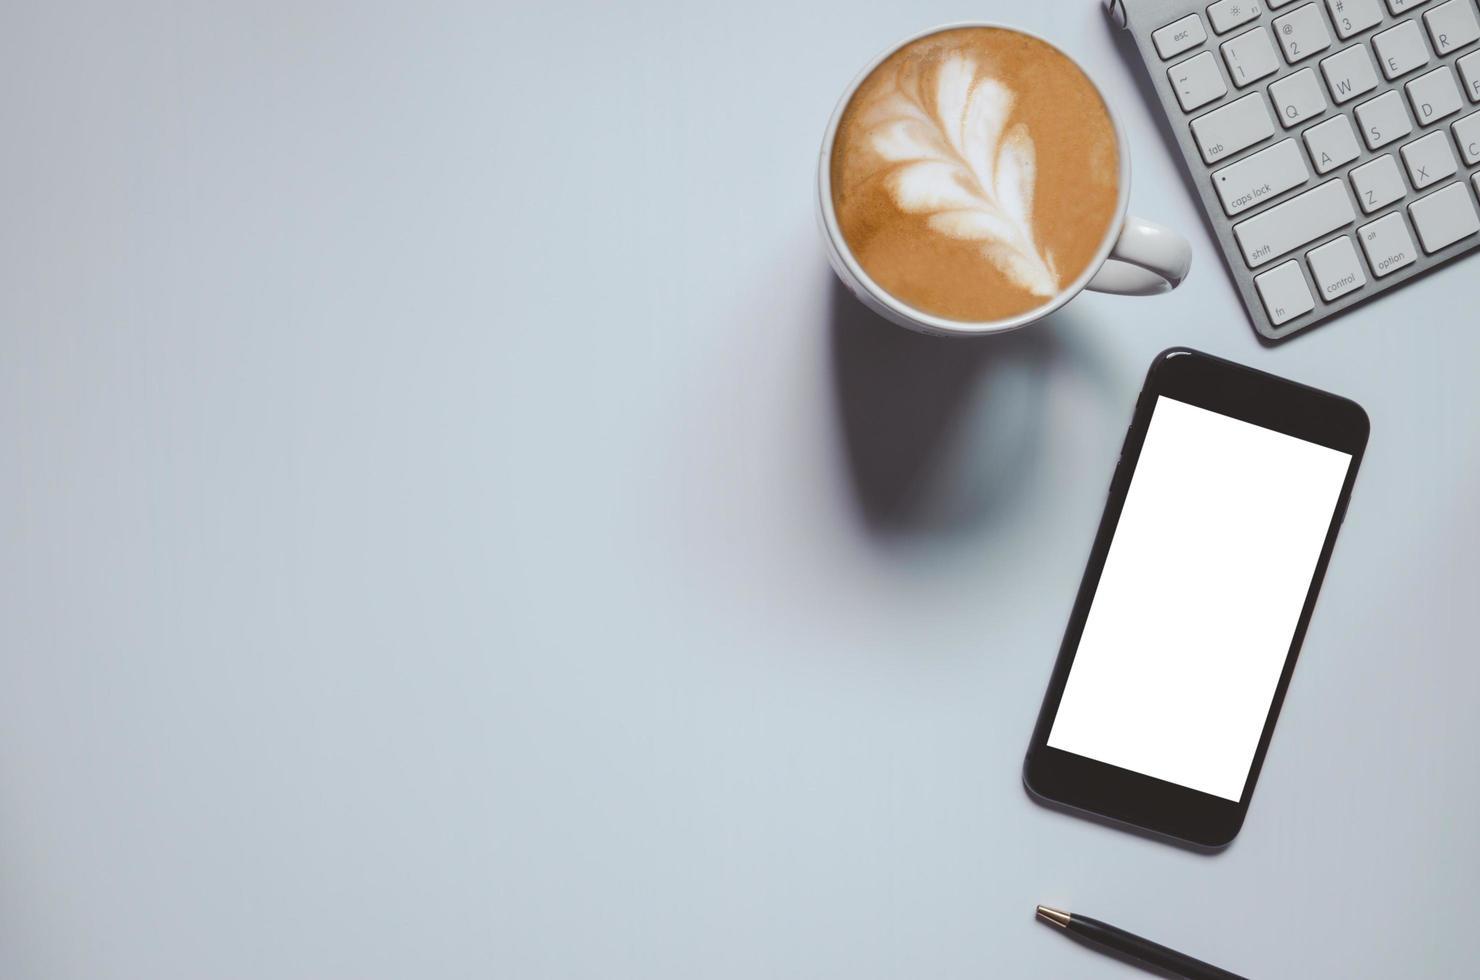 Vista superior de la maqueta de teléfono inteligente y café con leche. foto